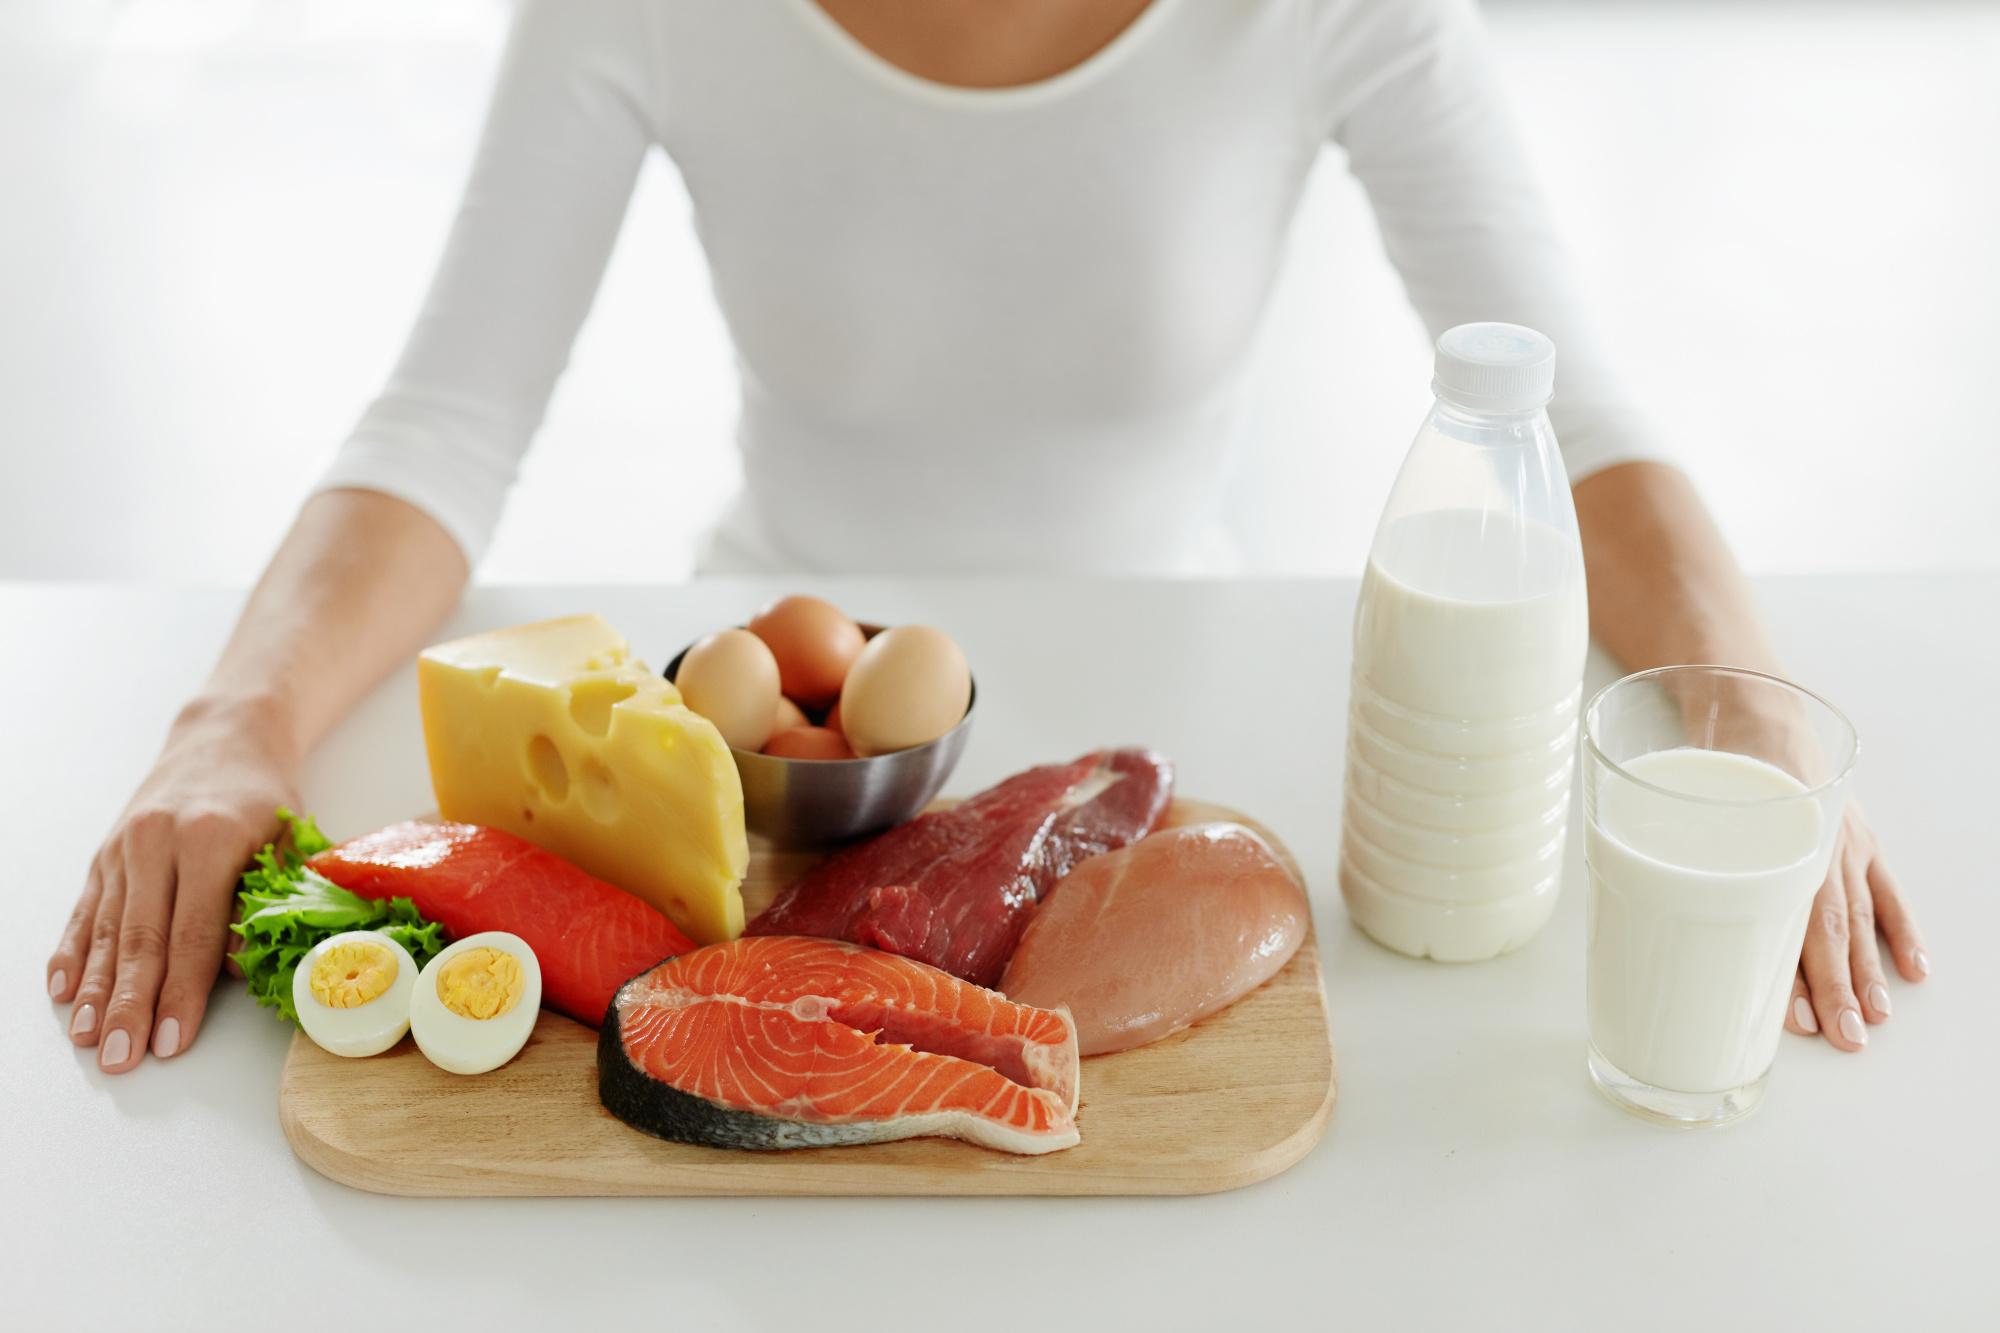 Исключи Один Продукт И Похудеешь. Миф о похудении 3. Если исключить все жирное и сладкое, быстро похудеешь